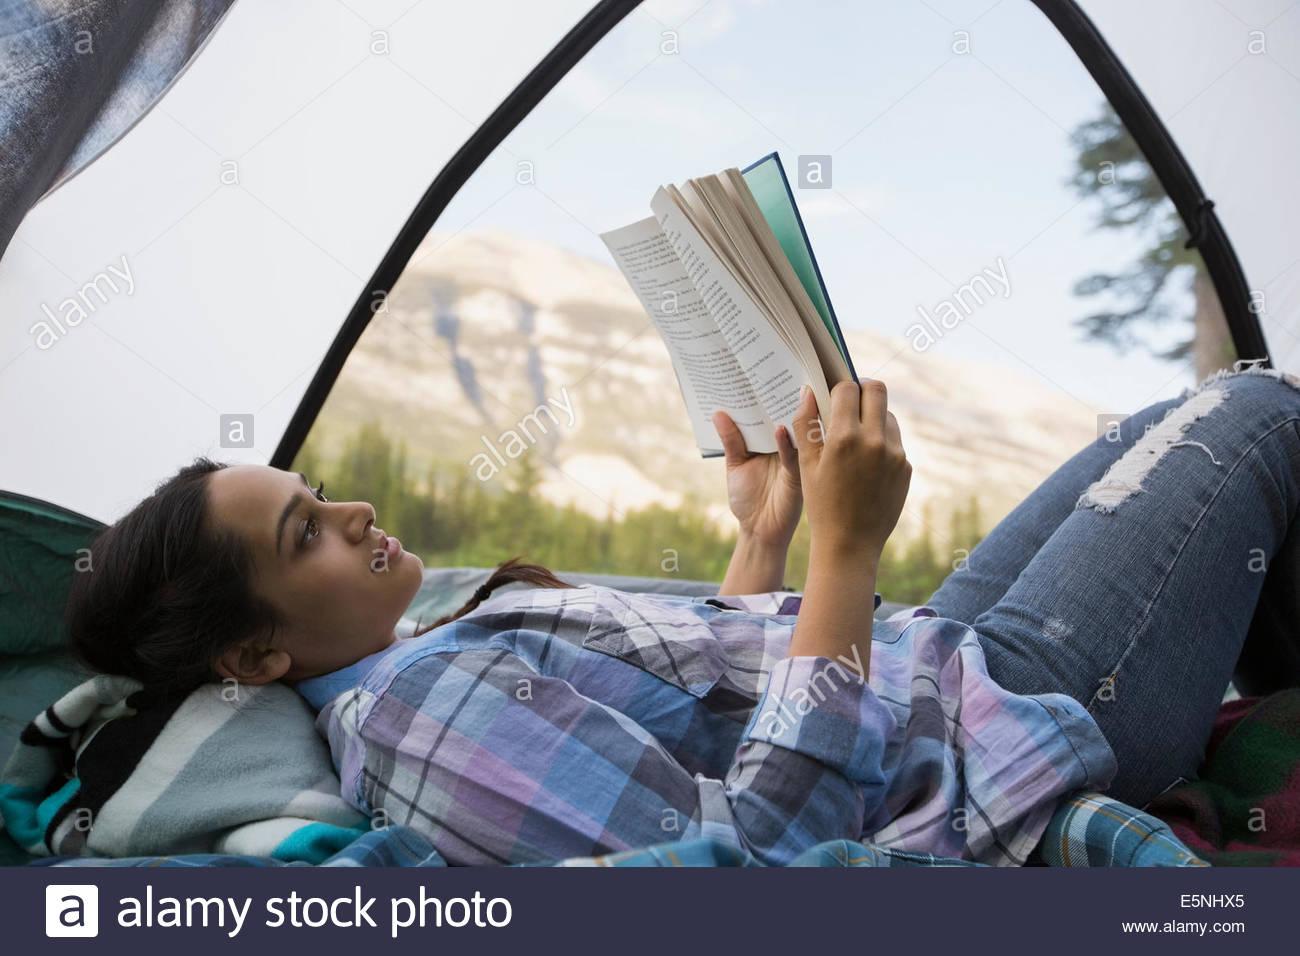 Donna libro lettura in tenda con vista montagna Immagini Stock